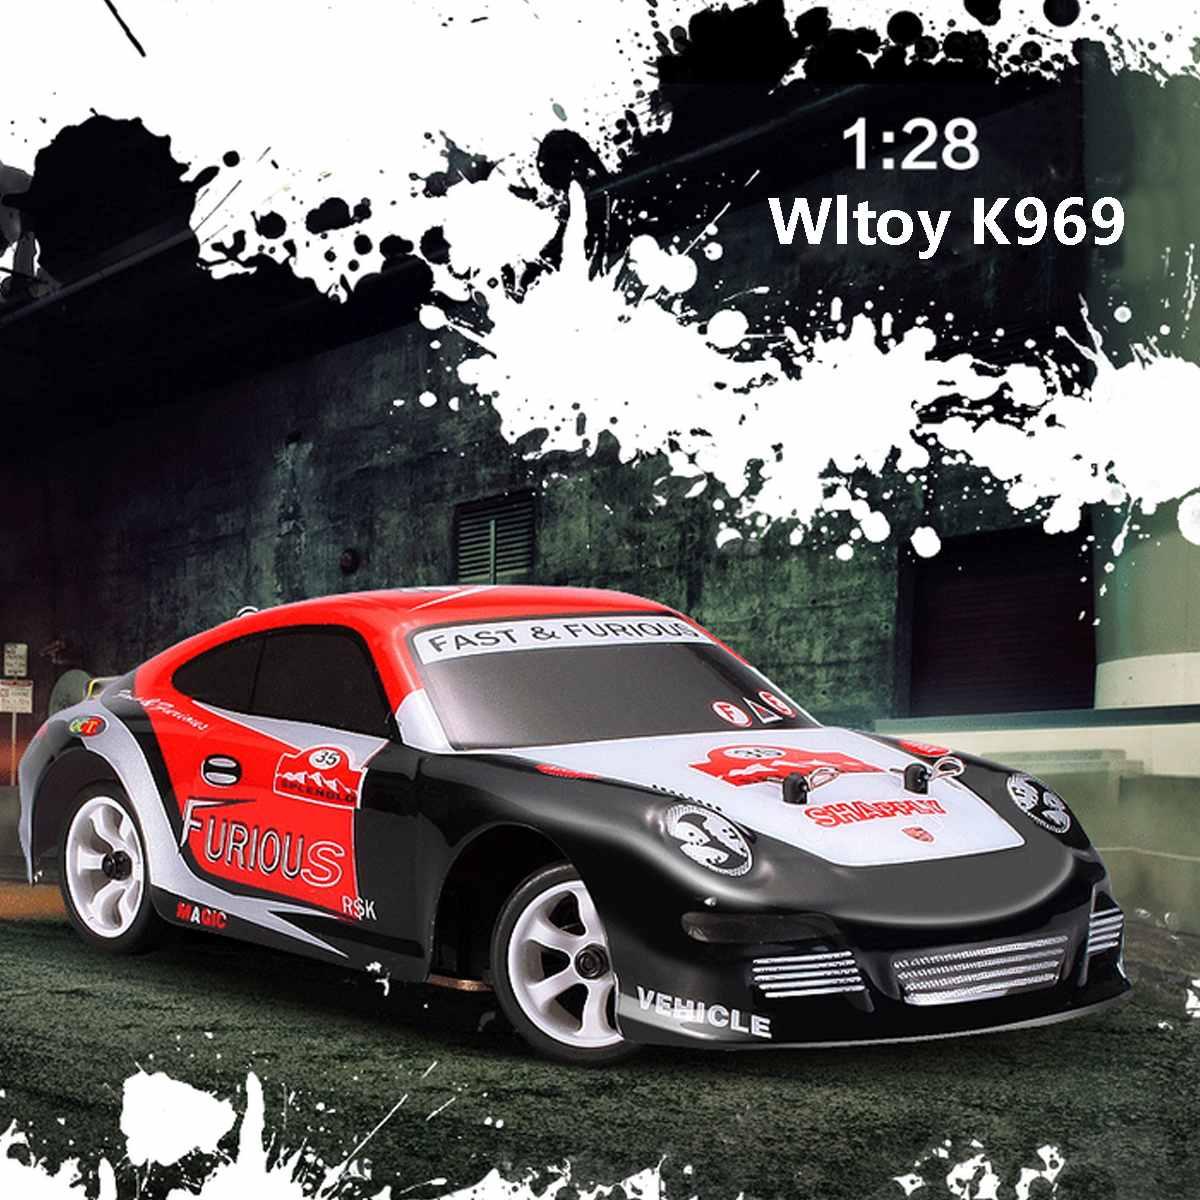 Für Jungen Kinder K969 Gebürstet Rc Auto 1/28 30 Km/h High Speed Drift Racing Auto Spielzeug 130 Pinsel Motor Drive Stoßfest Boden Fahrzeug 2019 New Fashion Style Online Sammeln & Seltenes